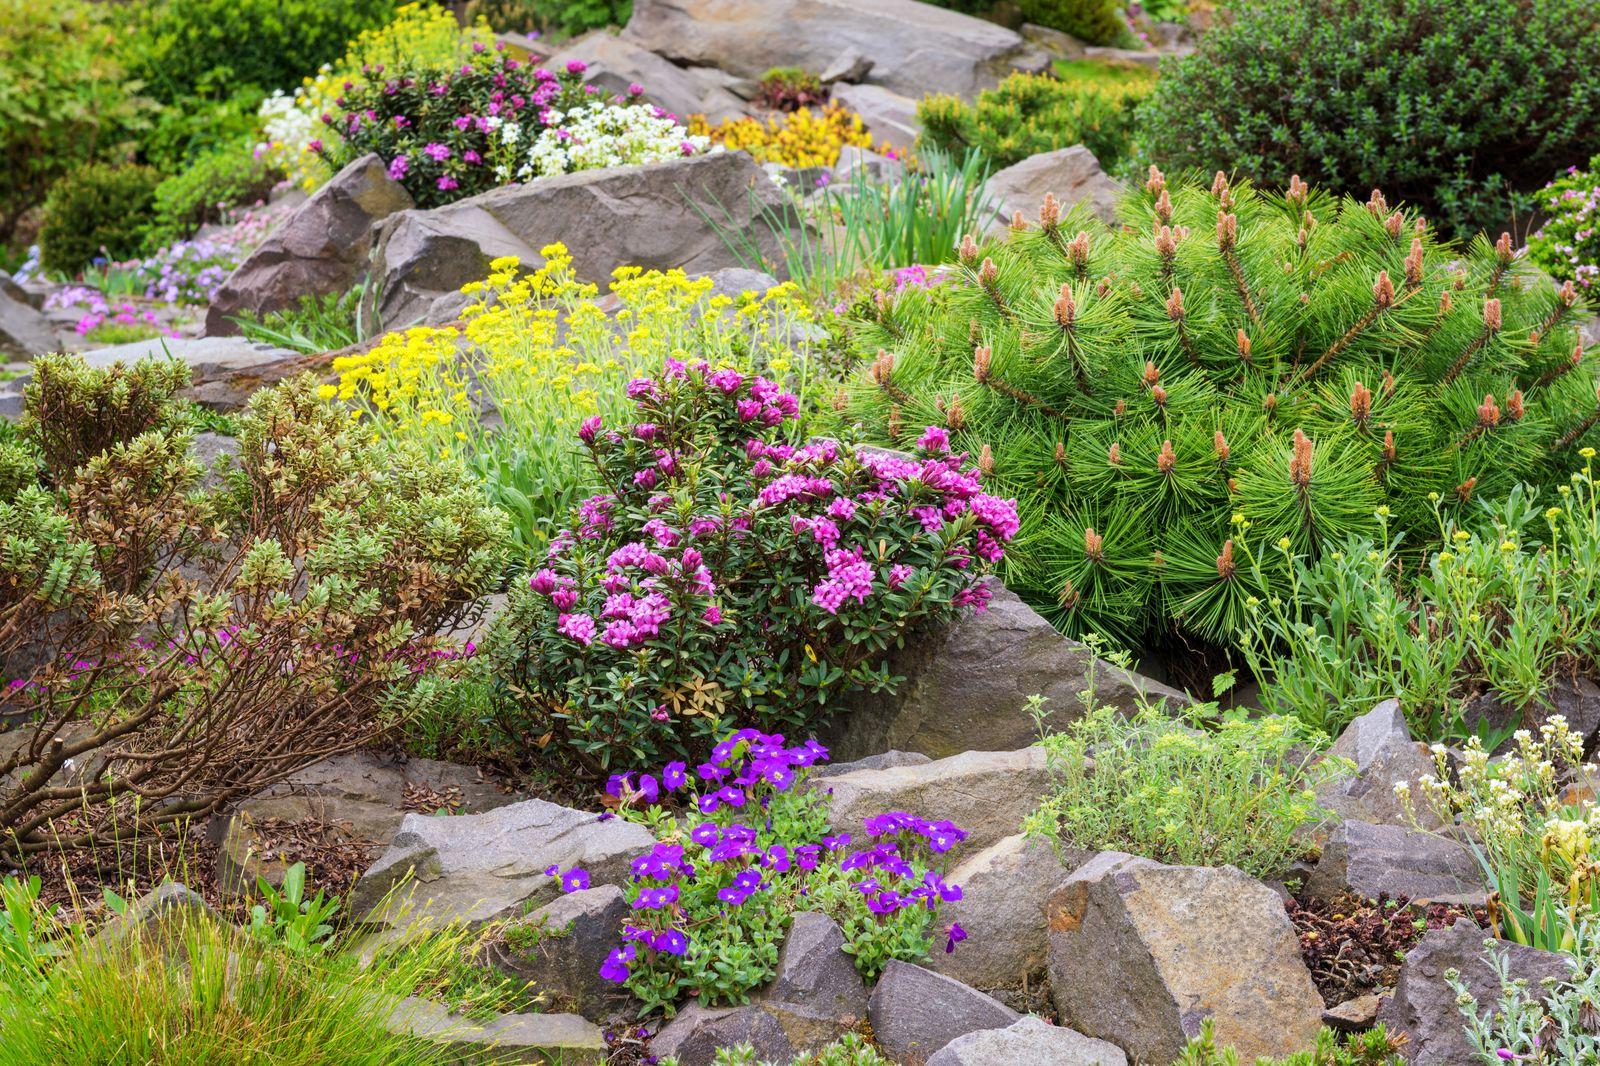 Pflanzen für den Steingarten: Unsere Top 10 - Plantura